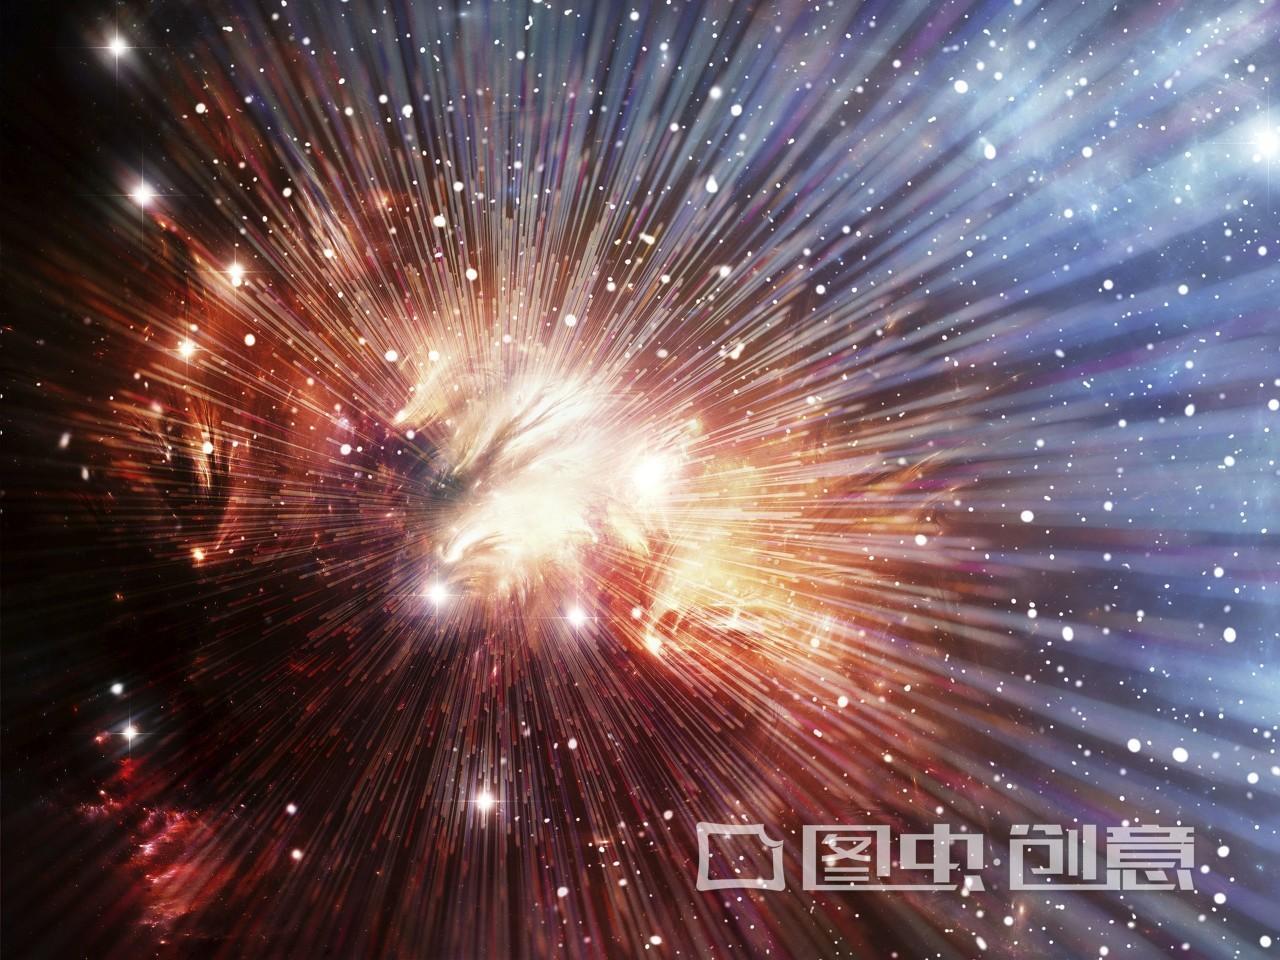 宇宙形成之前是什么 宇宙大爆炸之前是什么